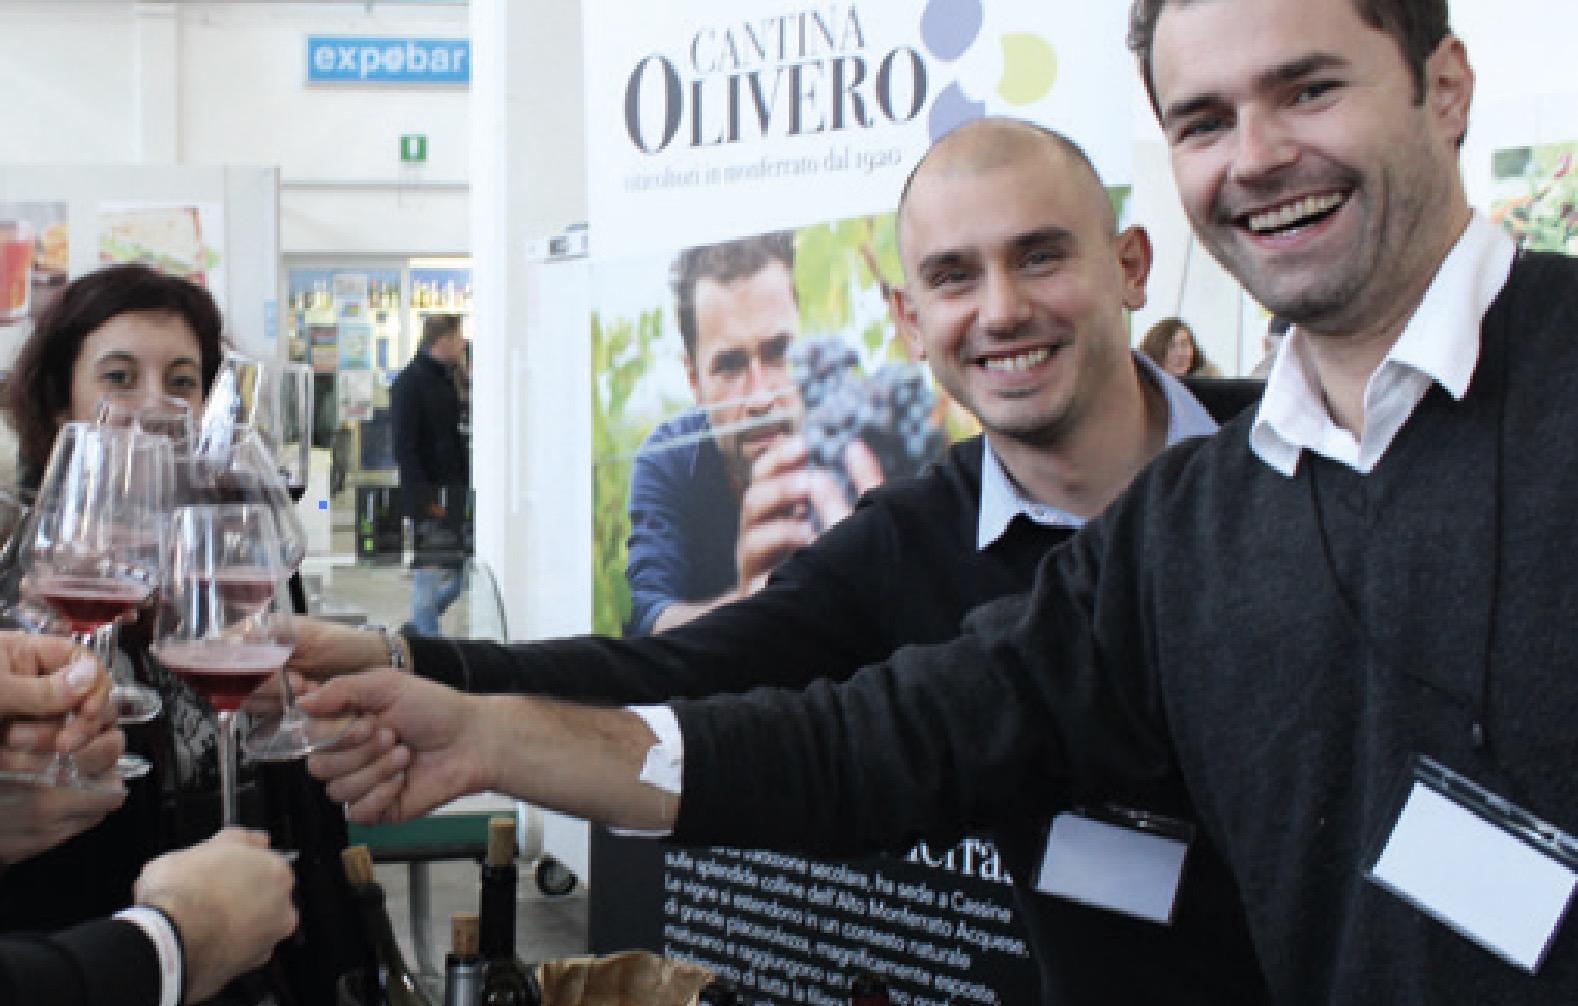 partecipazioni 2018 Cantina Olivero